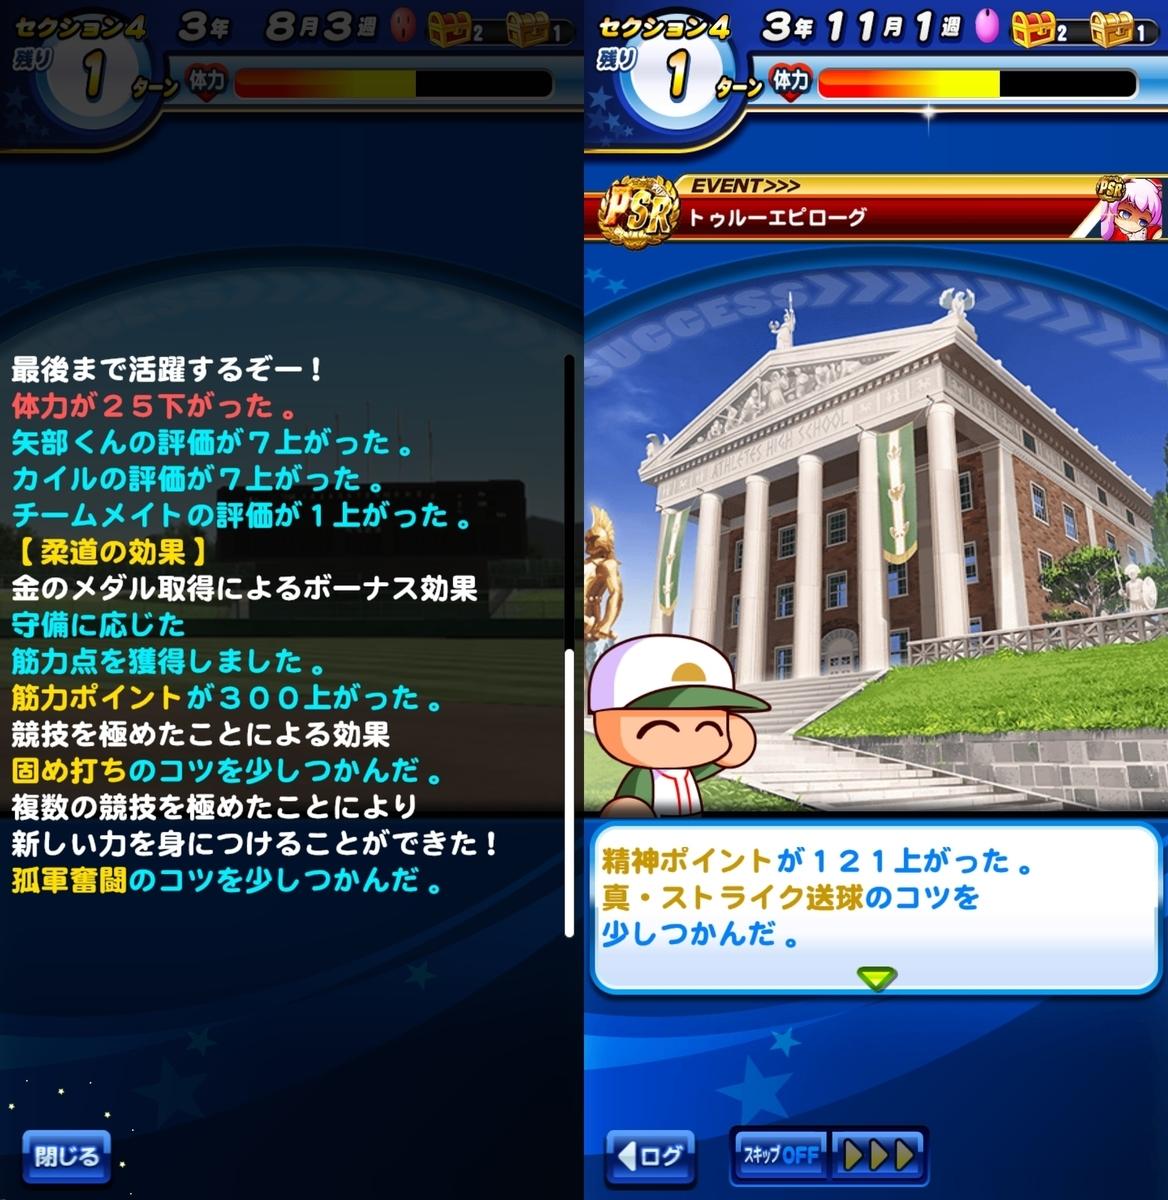 f:id:arimurasaji:20200925222341j:plain